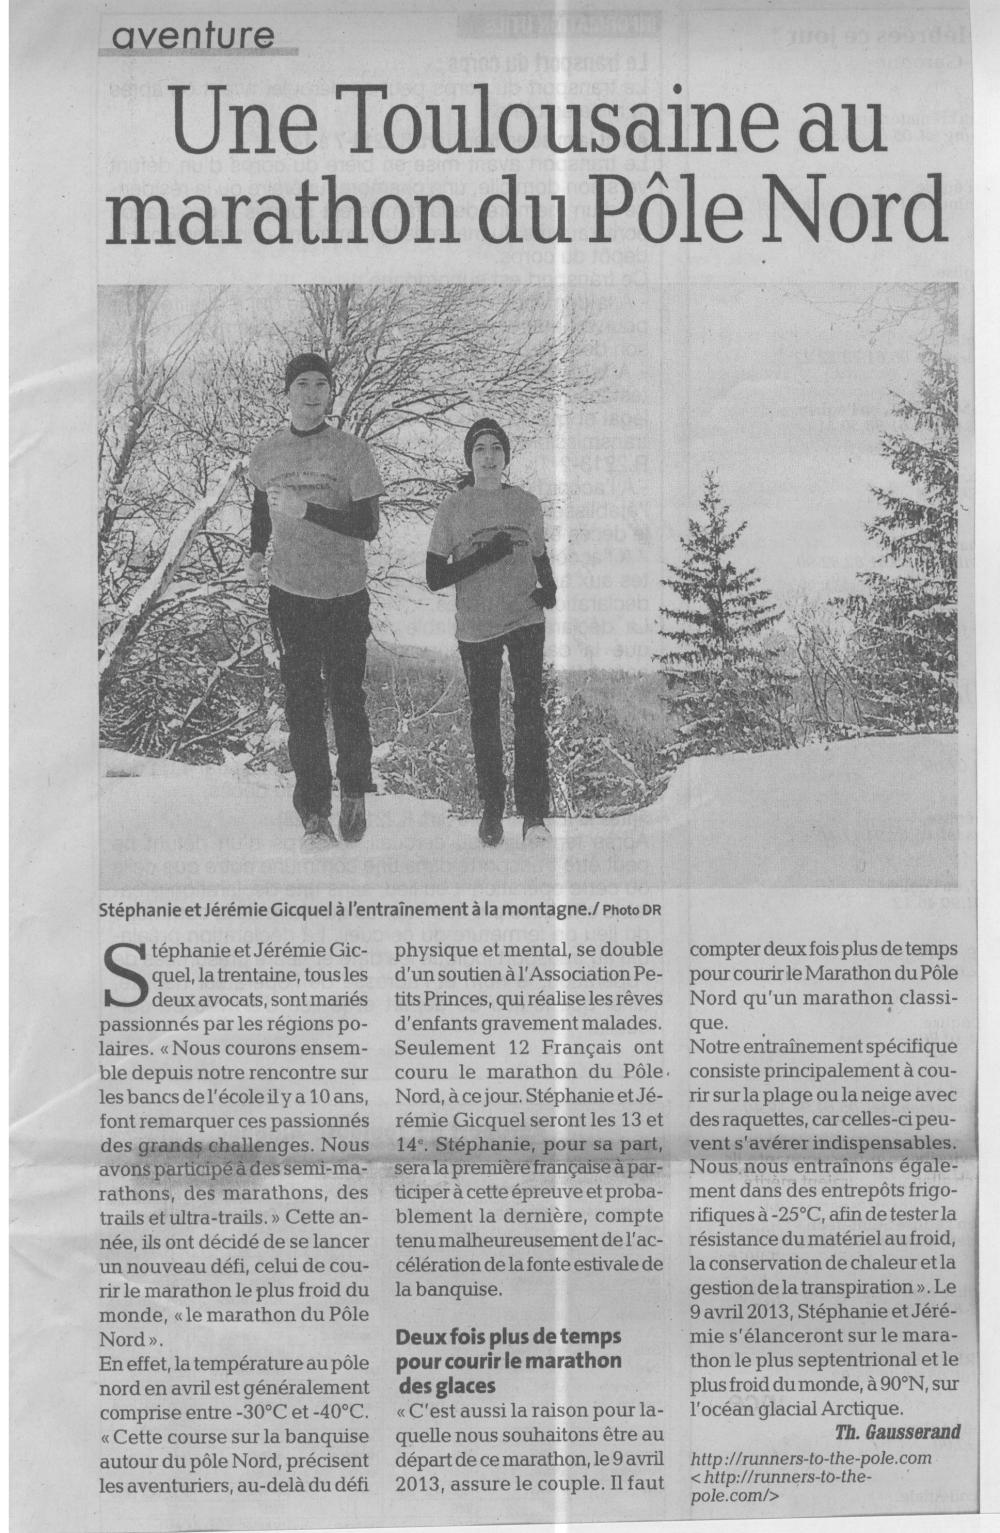 La Dépêche du Midi (15 février 2013) - copie